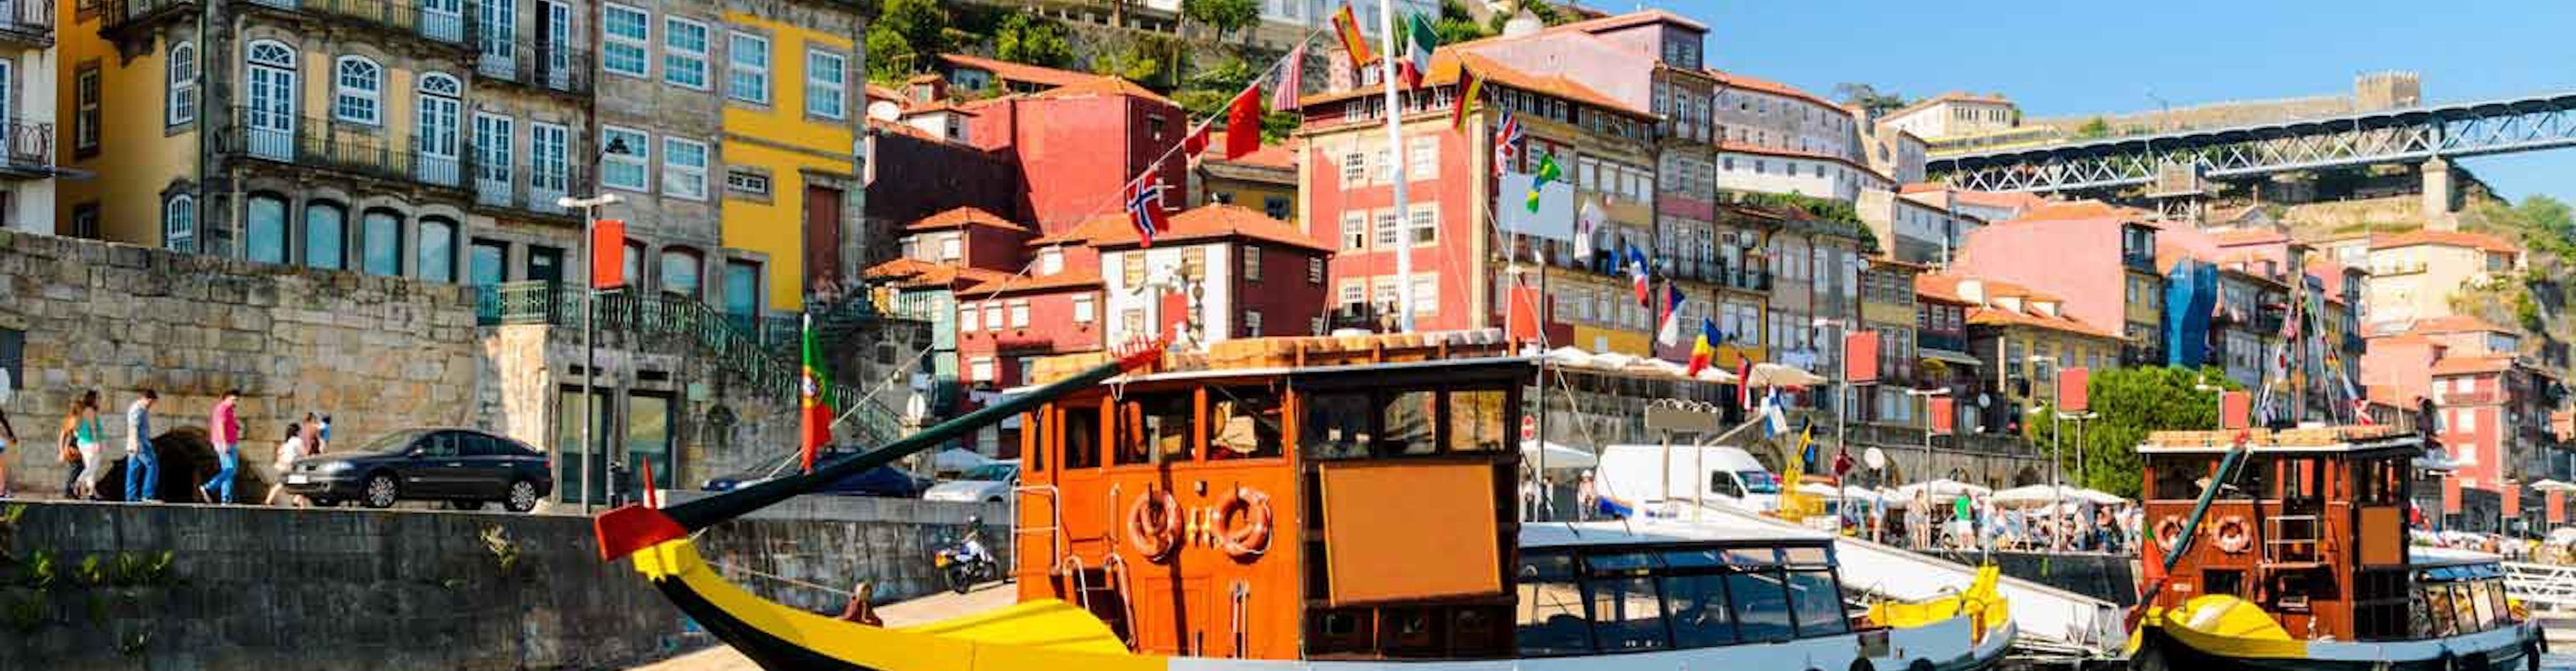 El Famoso Crucero de los Seis Puentes de Oporto